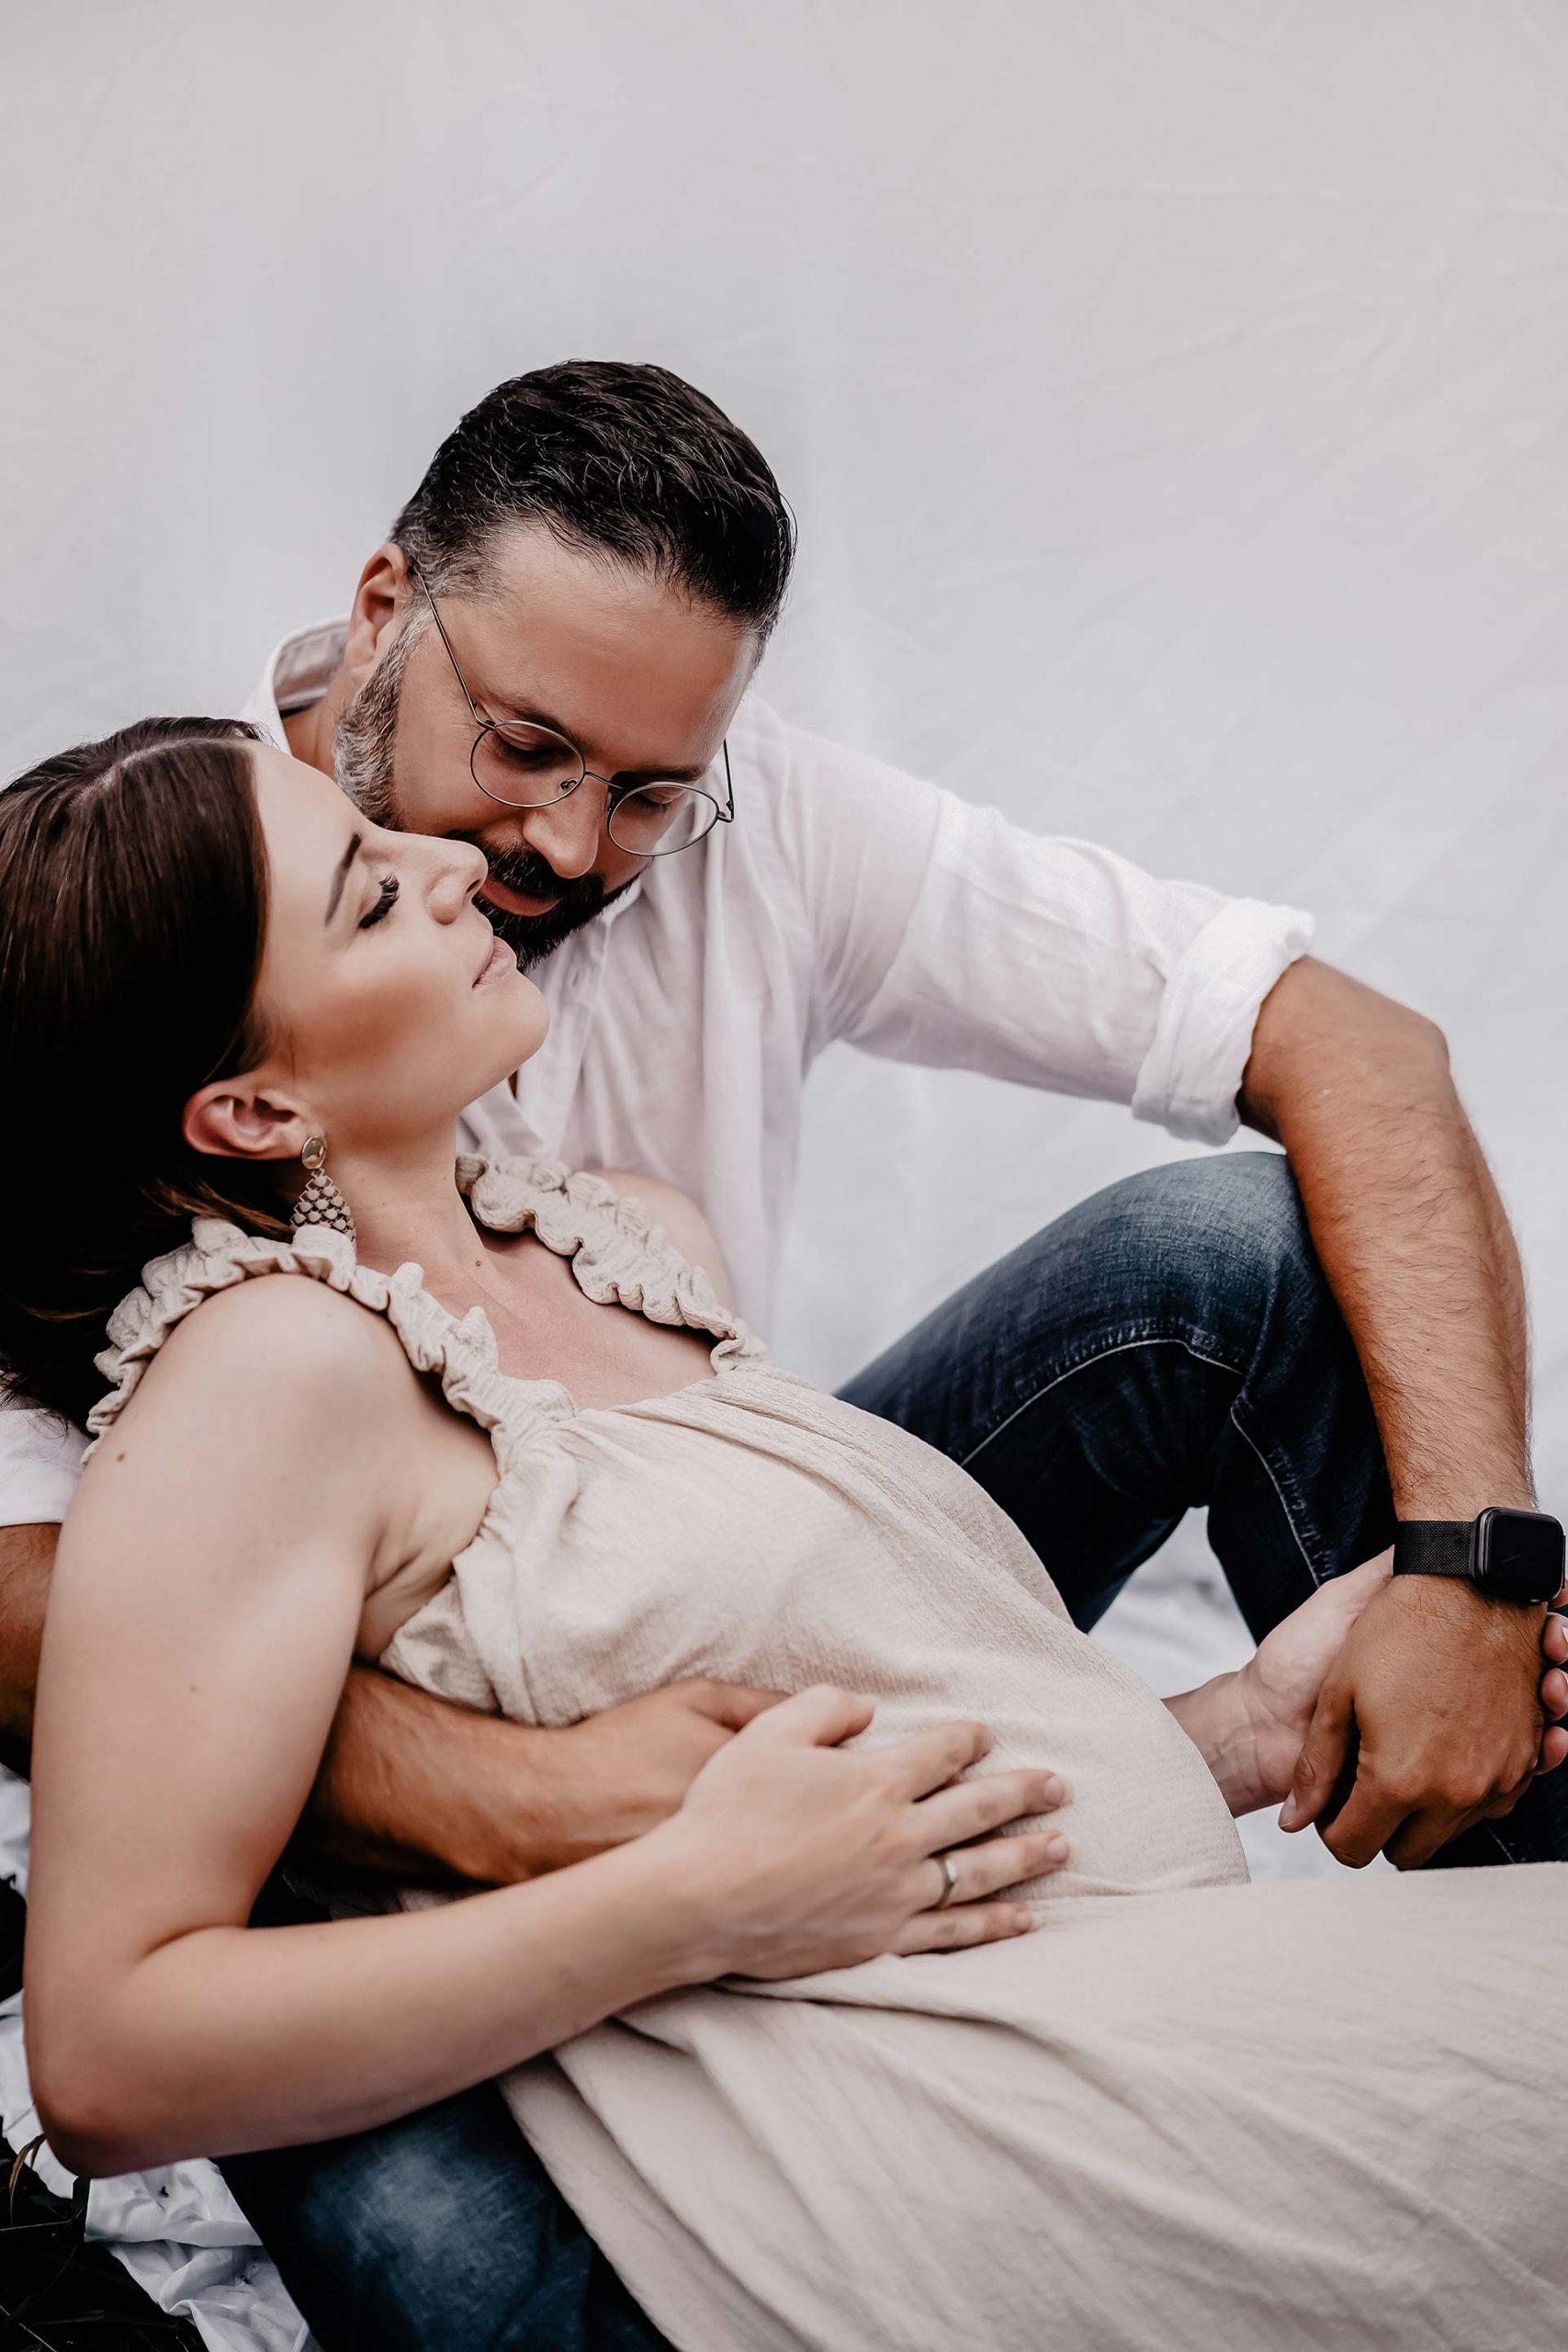 Heute möchte ich meine Tipps für ein schönes Babybauch-Shooting mit dir teilen. Zugleich zeige ich dir am Mamablog auch ein paar Schwangerschaftsbilder, welcheFotografin Madeleine Gabl von uns gemacht hat. www.whoismocca.com